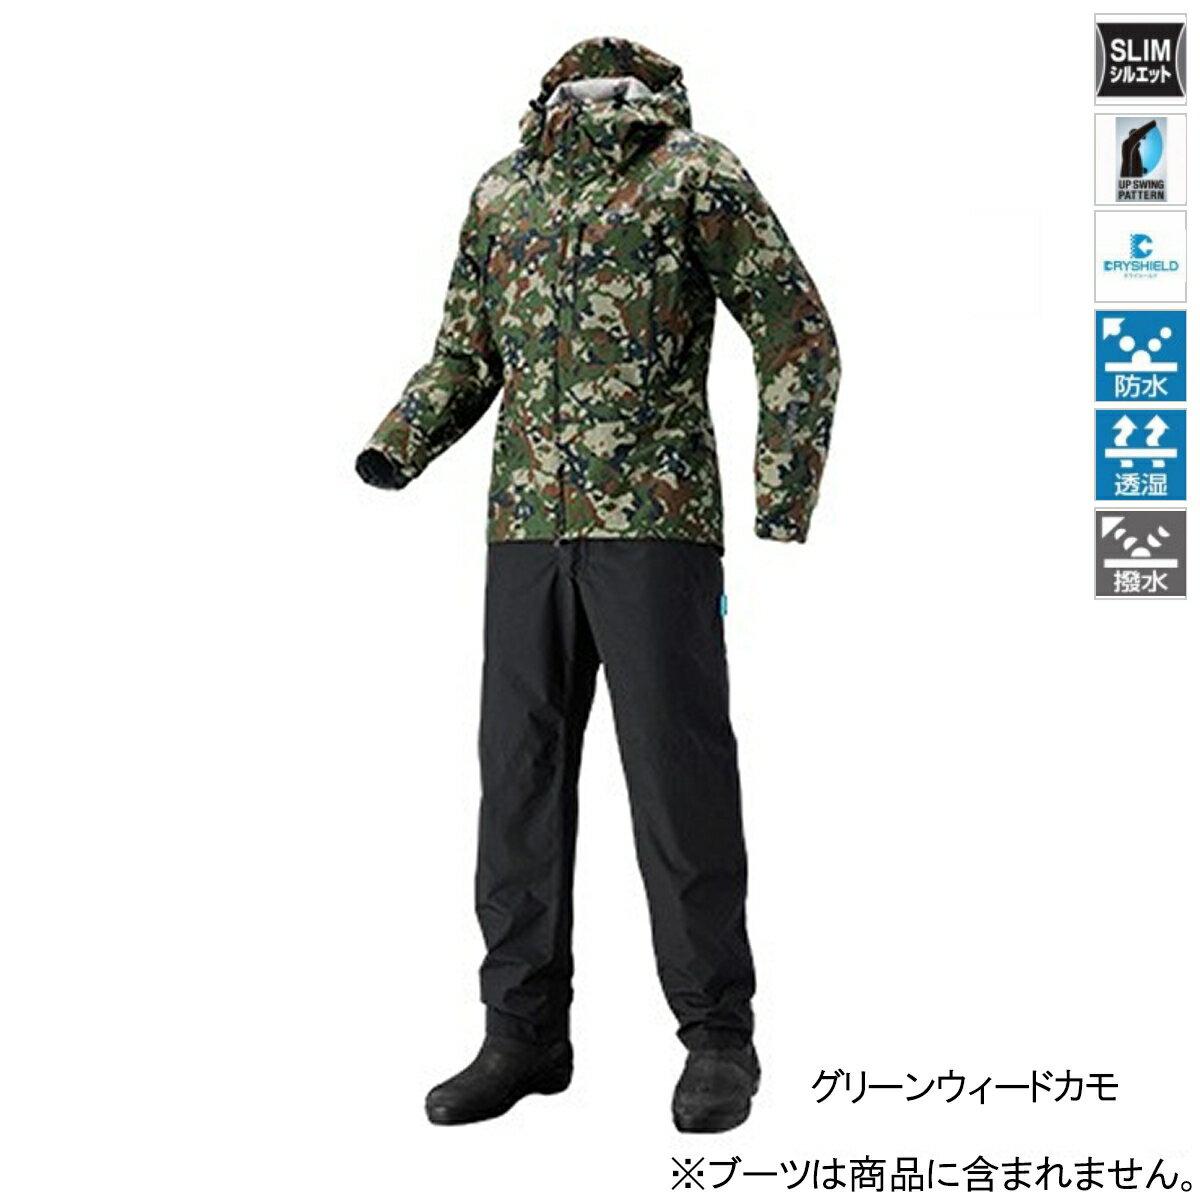 シマノ DSエクスプローラースーツ RA-024S 2XL グリーンウィードカモ【送料無料】